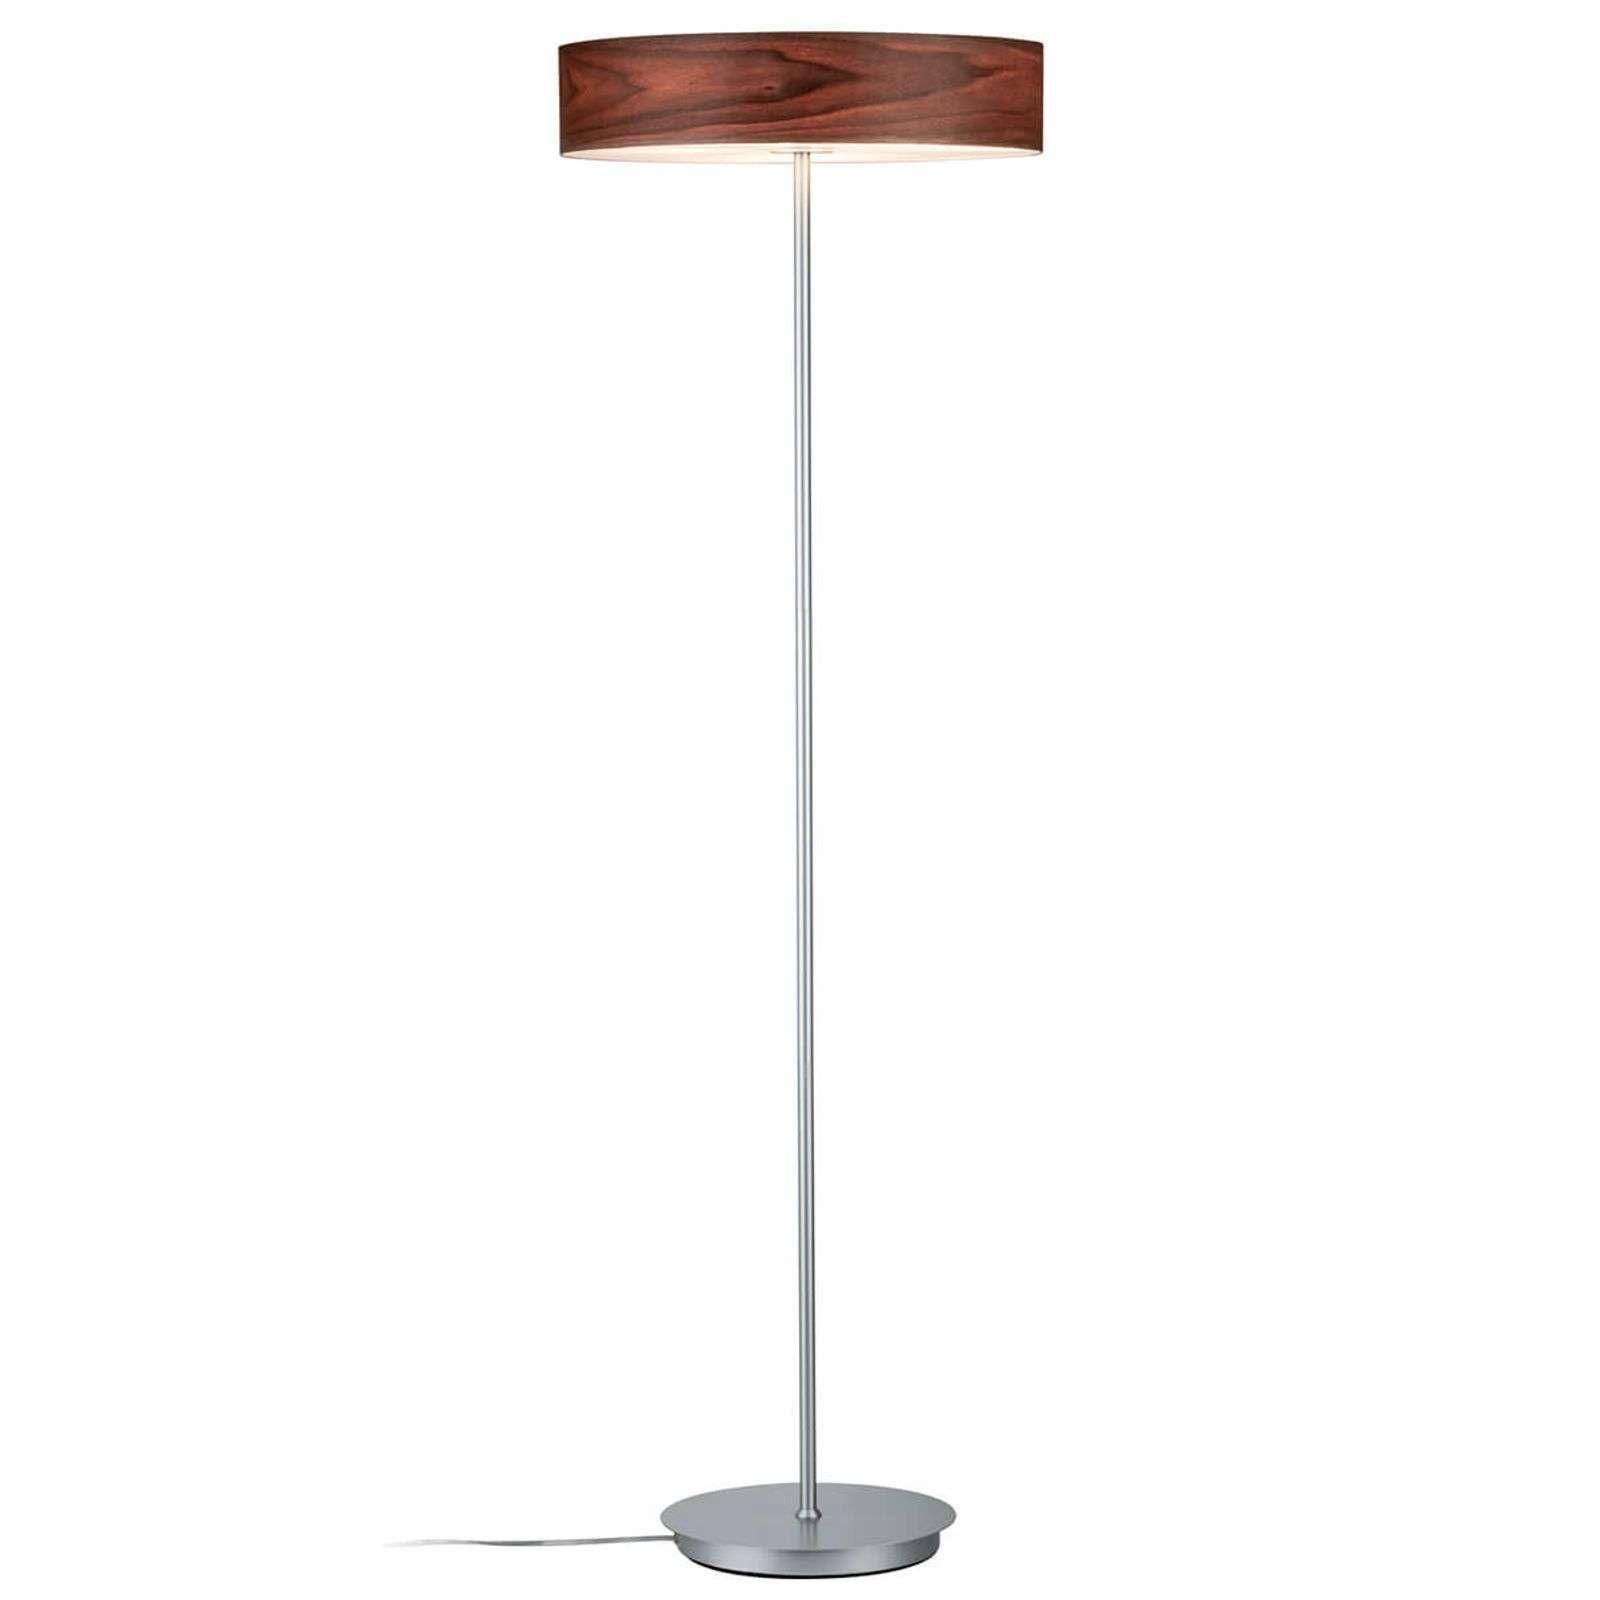 Moderne Vloerlamp Liska Met Houten Kap Van Paulmann In 2020 Moderne Staande Lampen Vloerlamp Zacht Licht